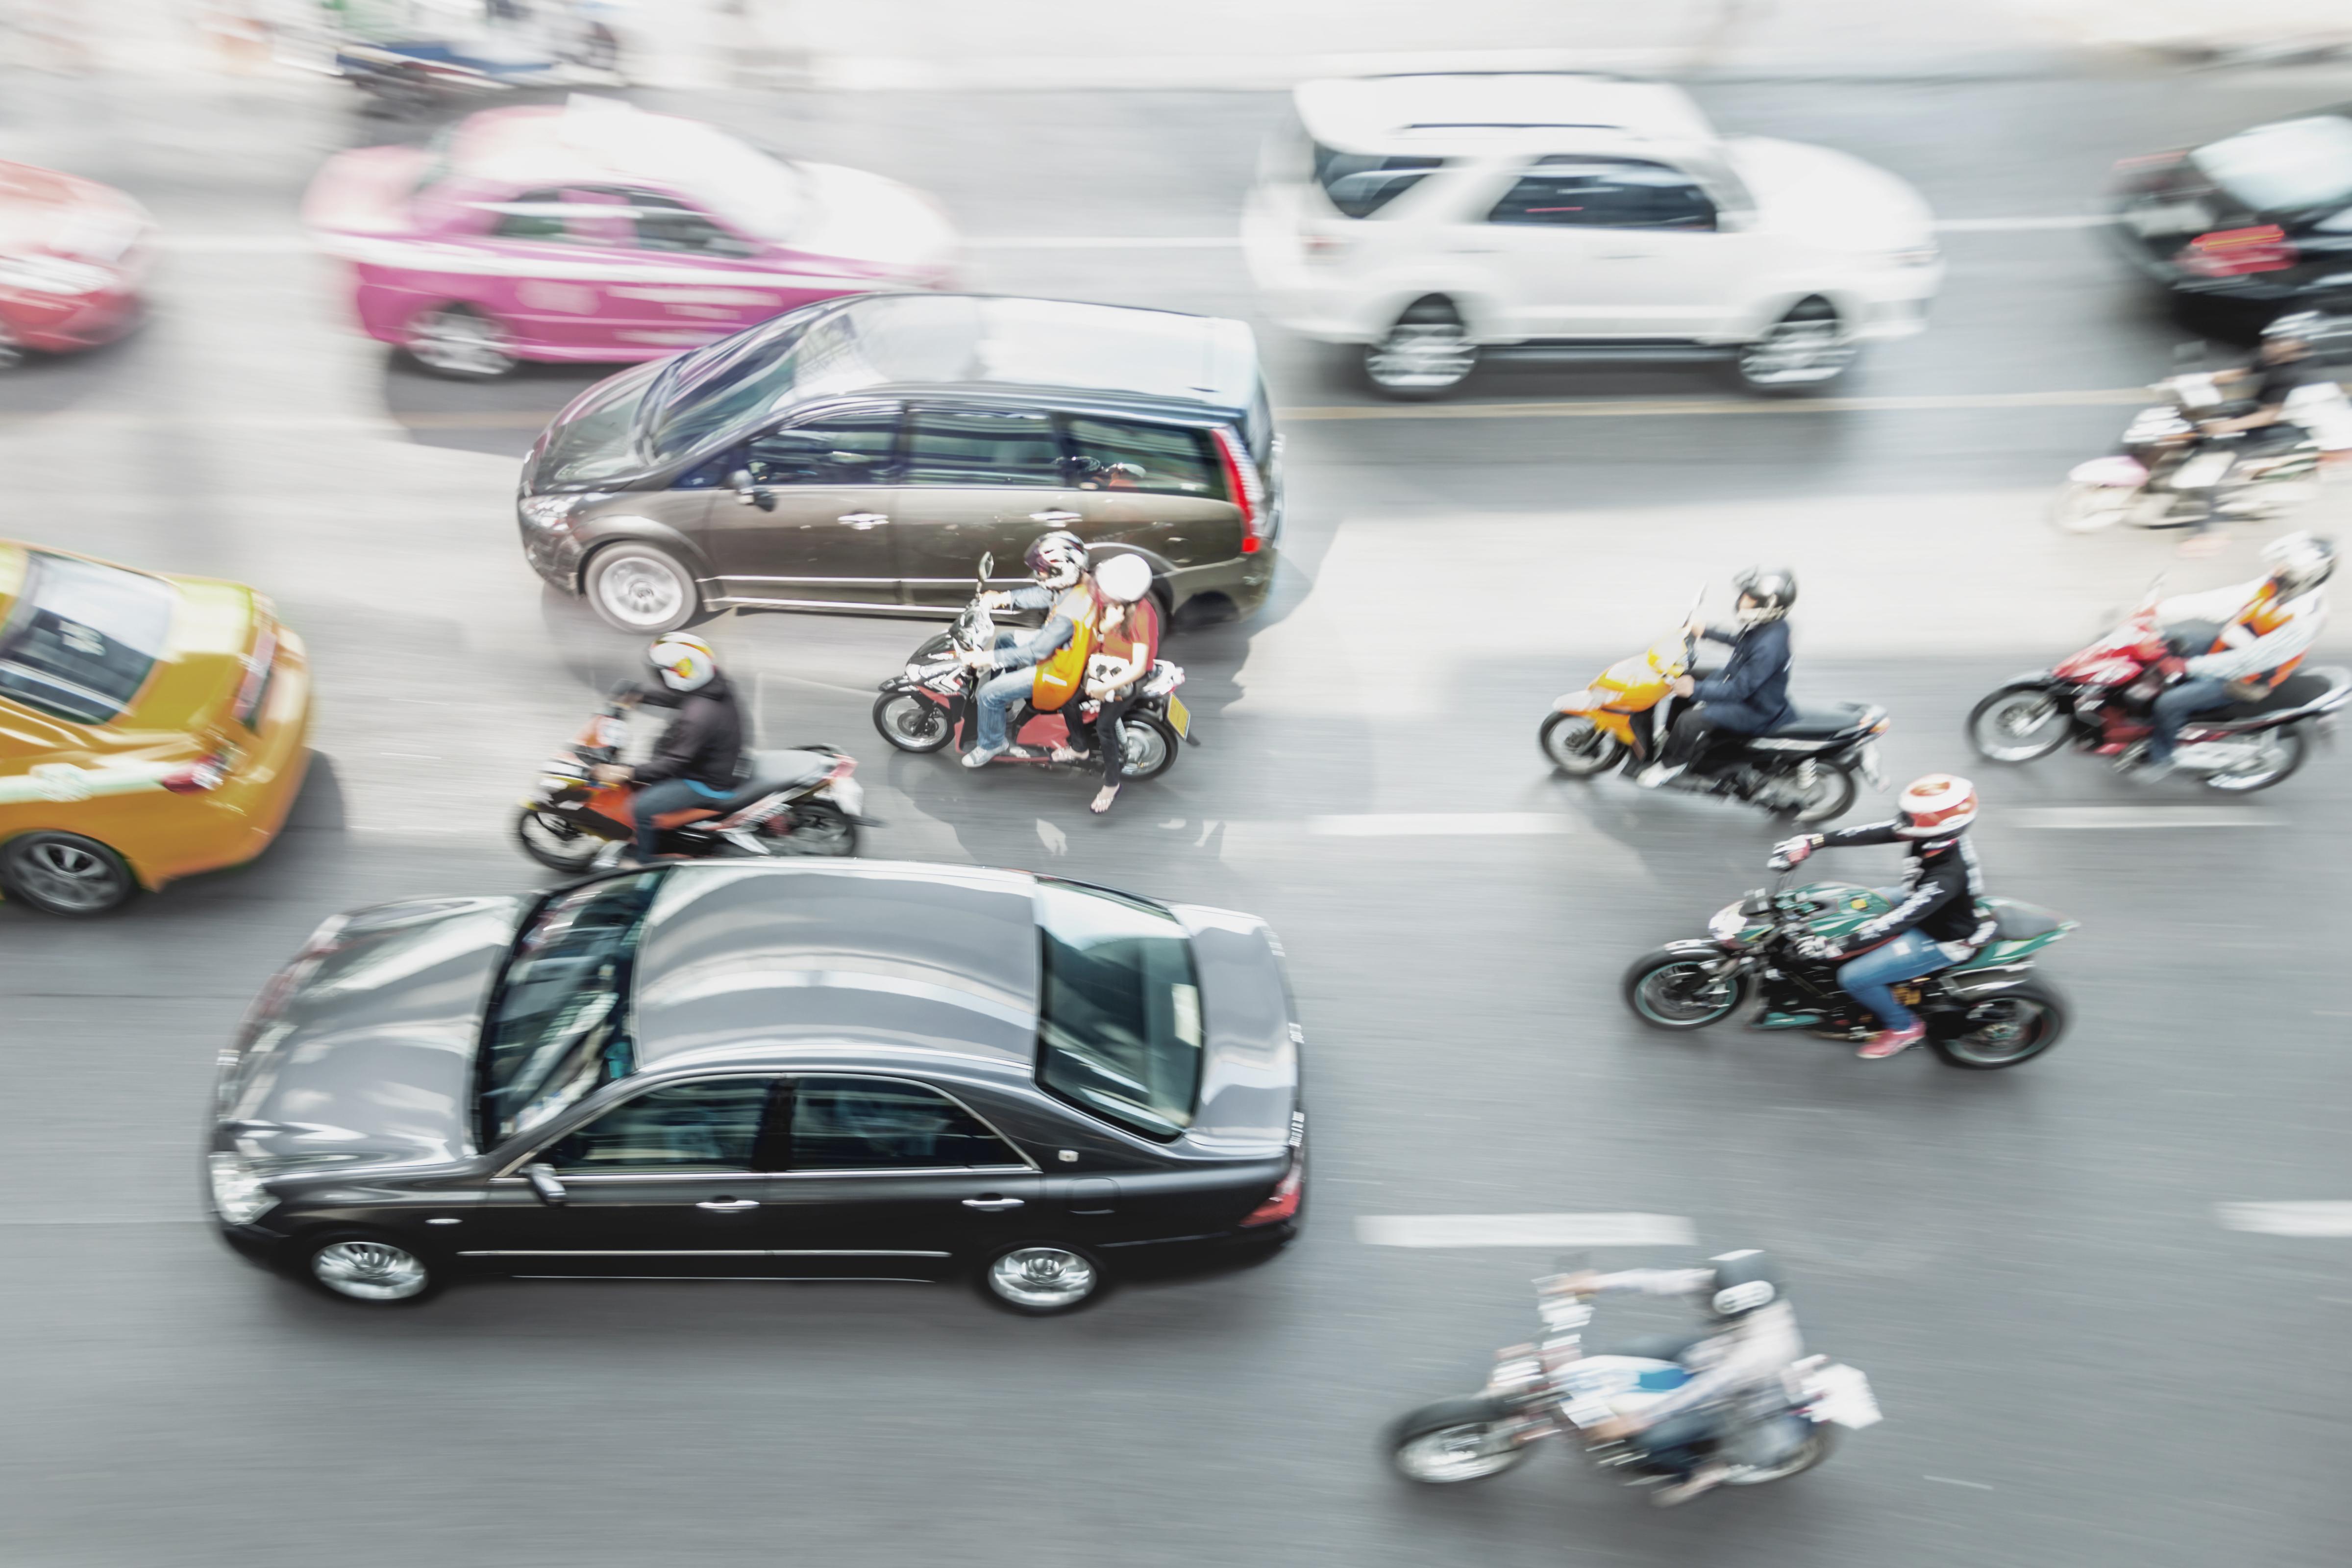 Motorisierte Zweiräder im Stadtverkehr